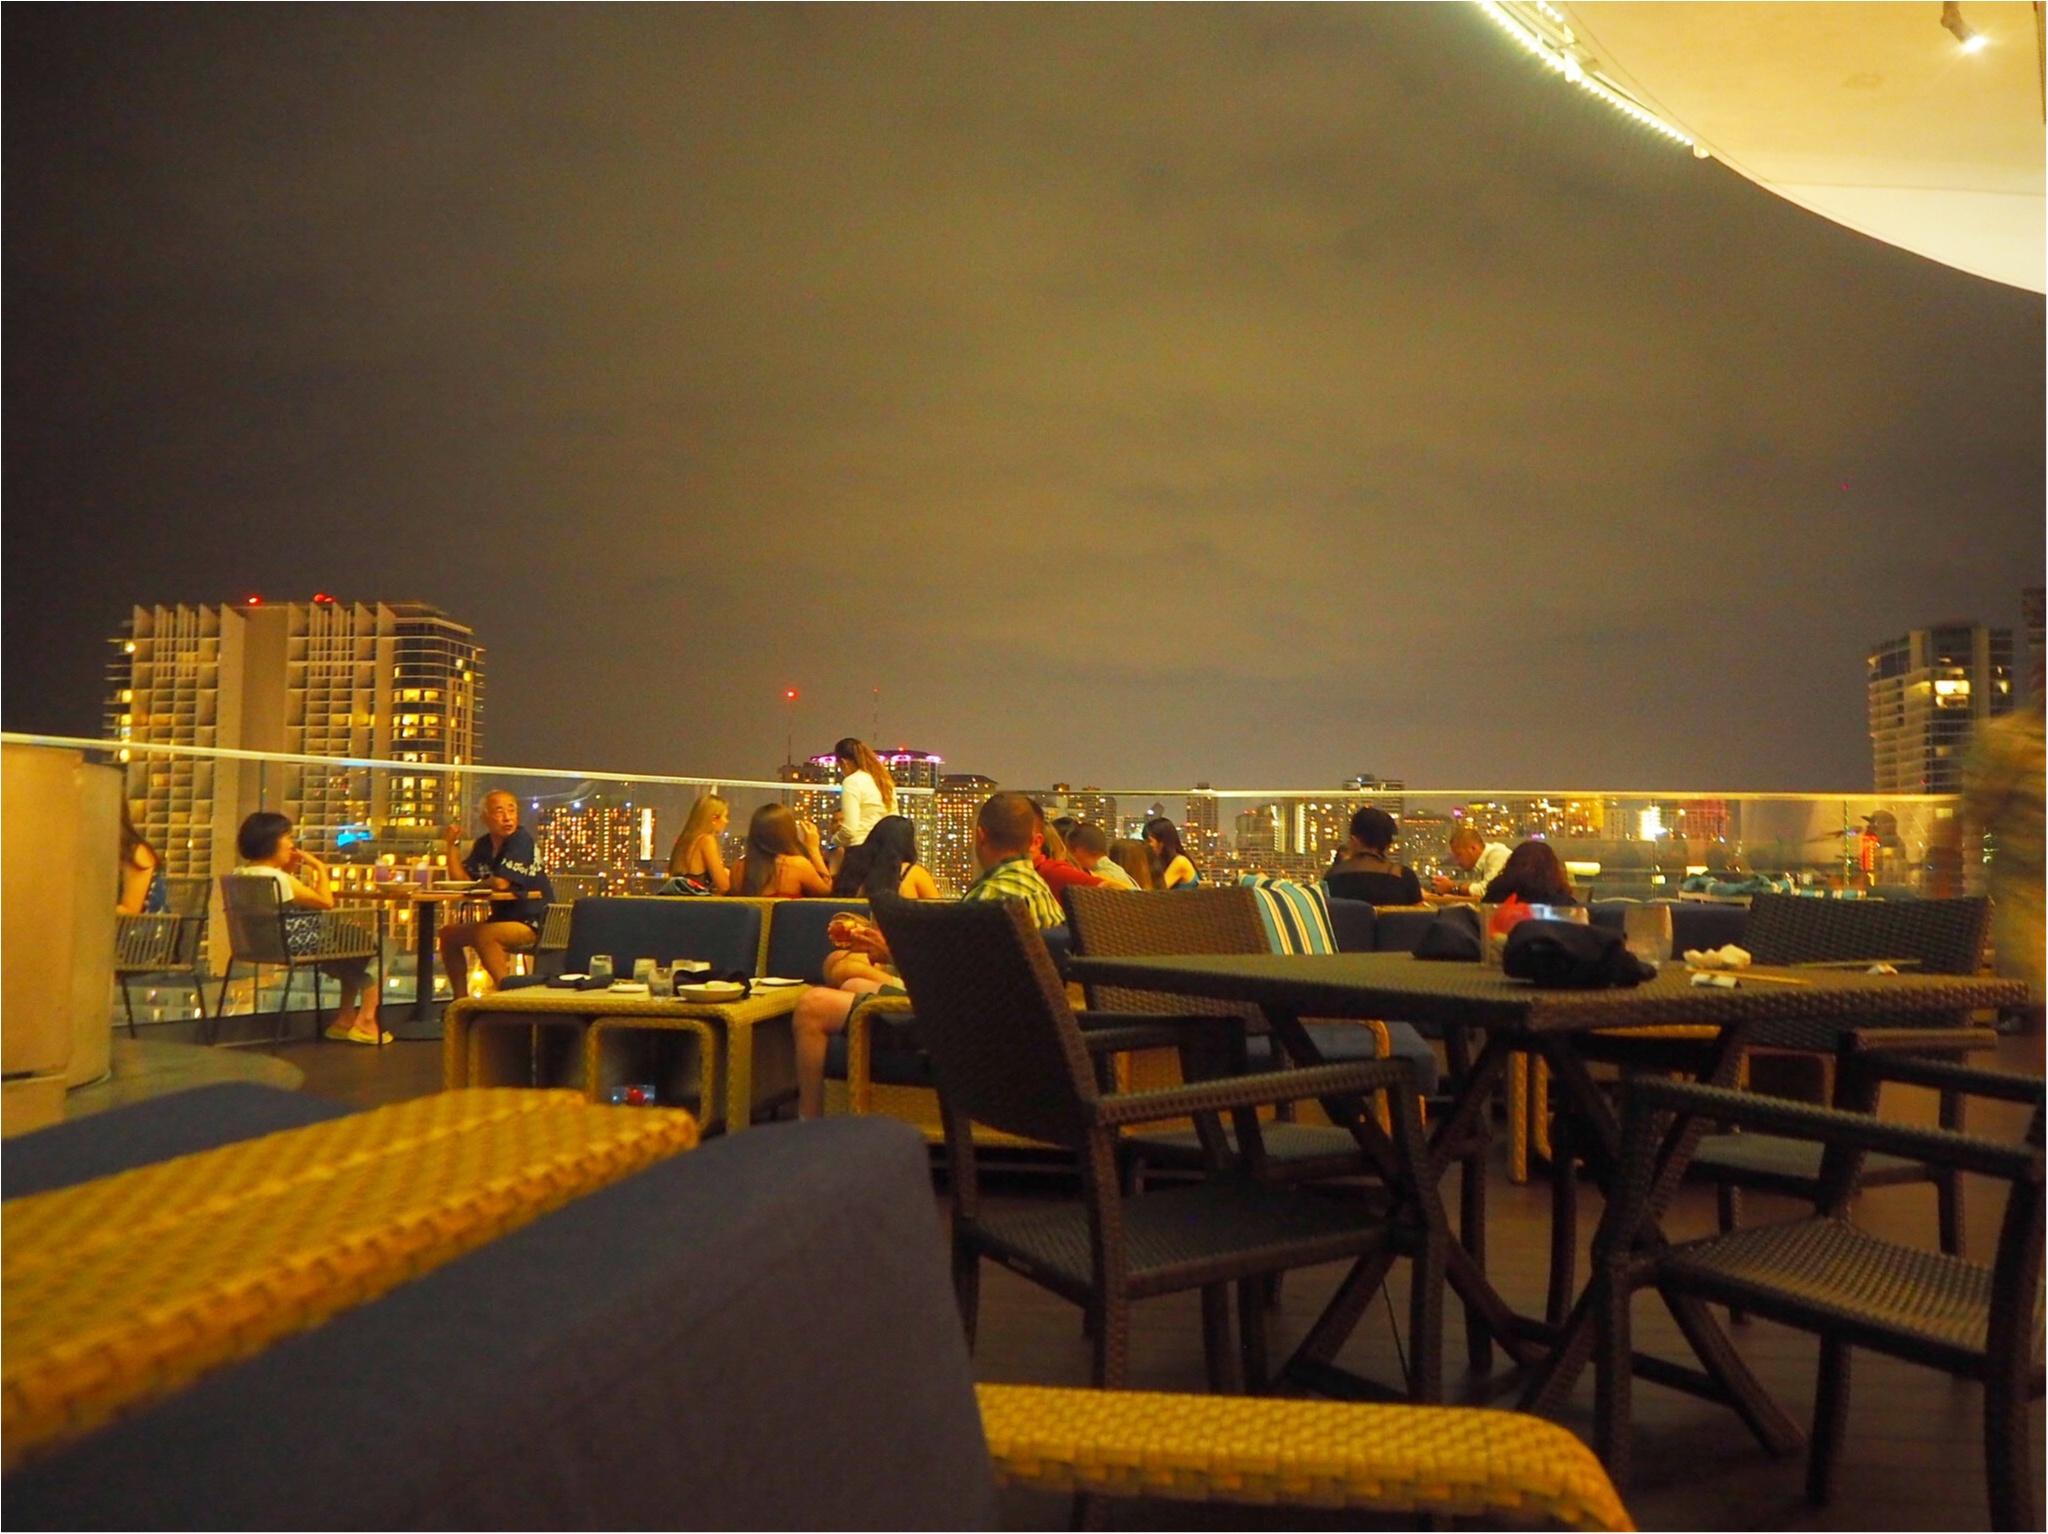 開放感あふれるテラスが魅力♡バーレストラン【SKY Waikiki】でディナー!毎週金曜のヒルトンの花火は見られるの?お答えします‼︎_1